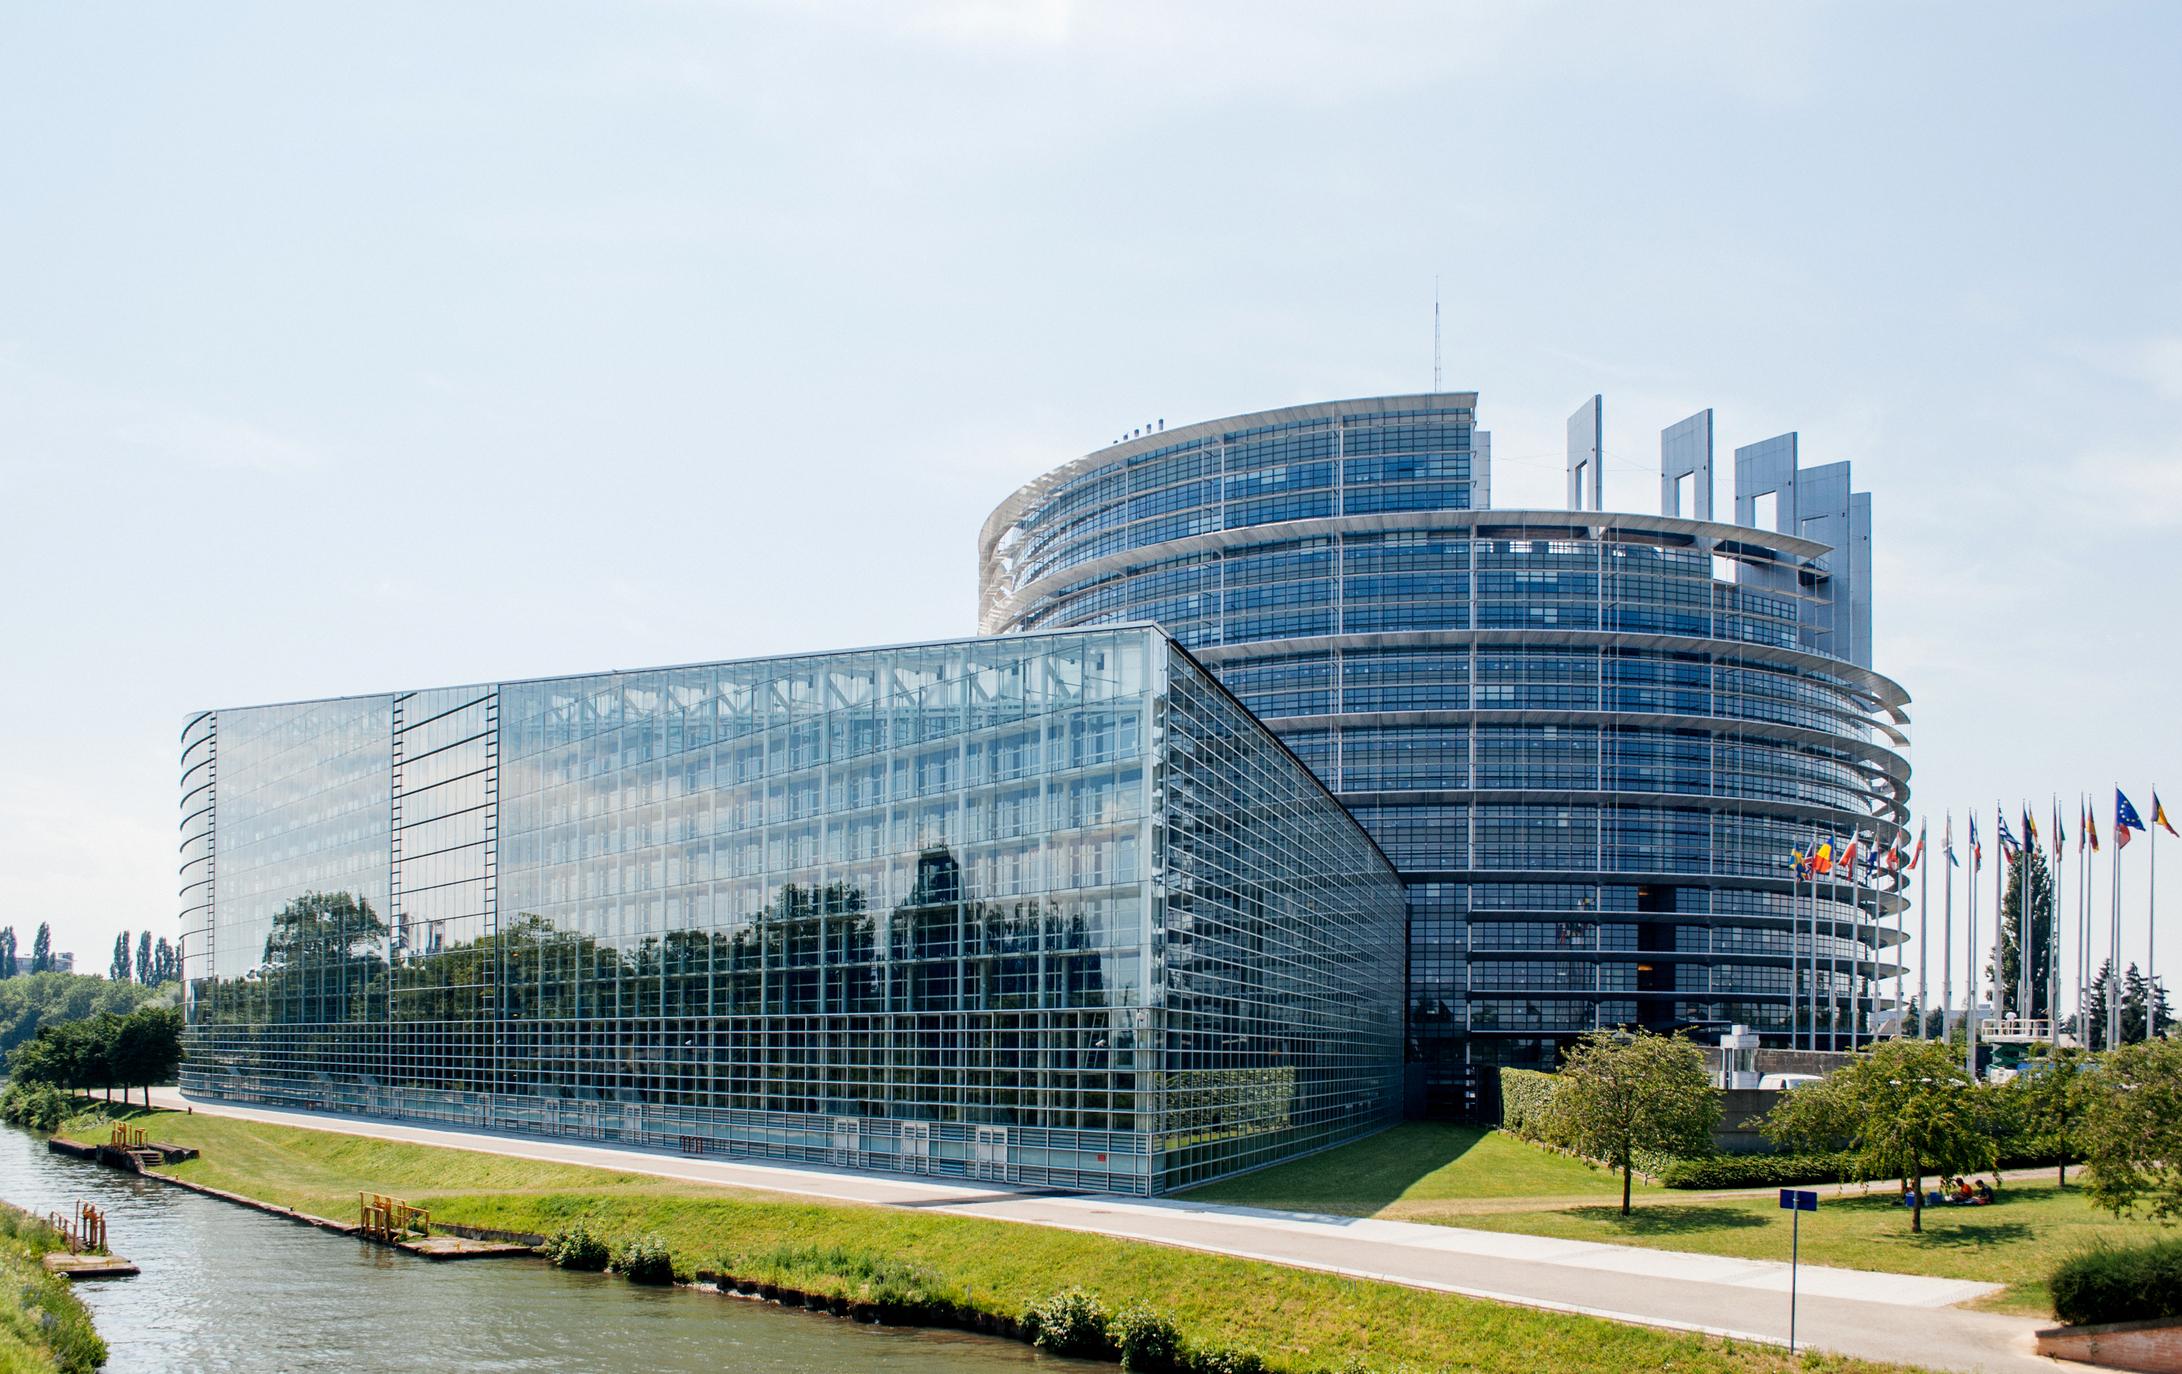 EU-Parlament weitet Klagerecht für Bürger und NGOs bei Umweltverstößen aus